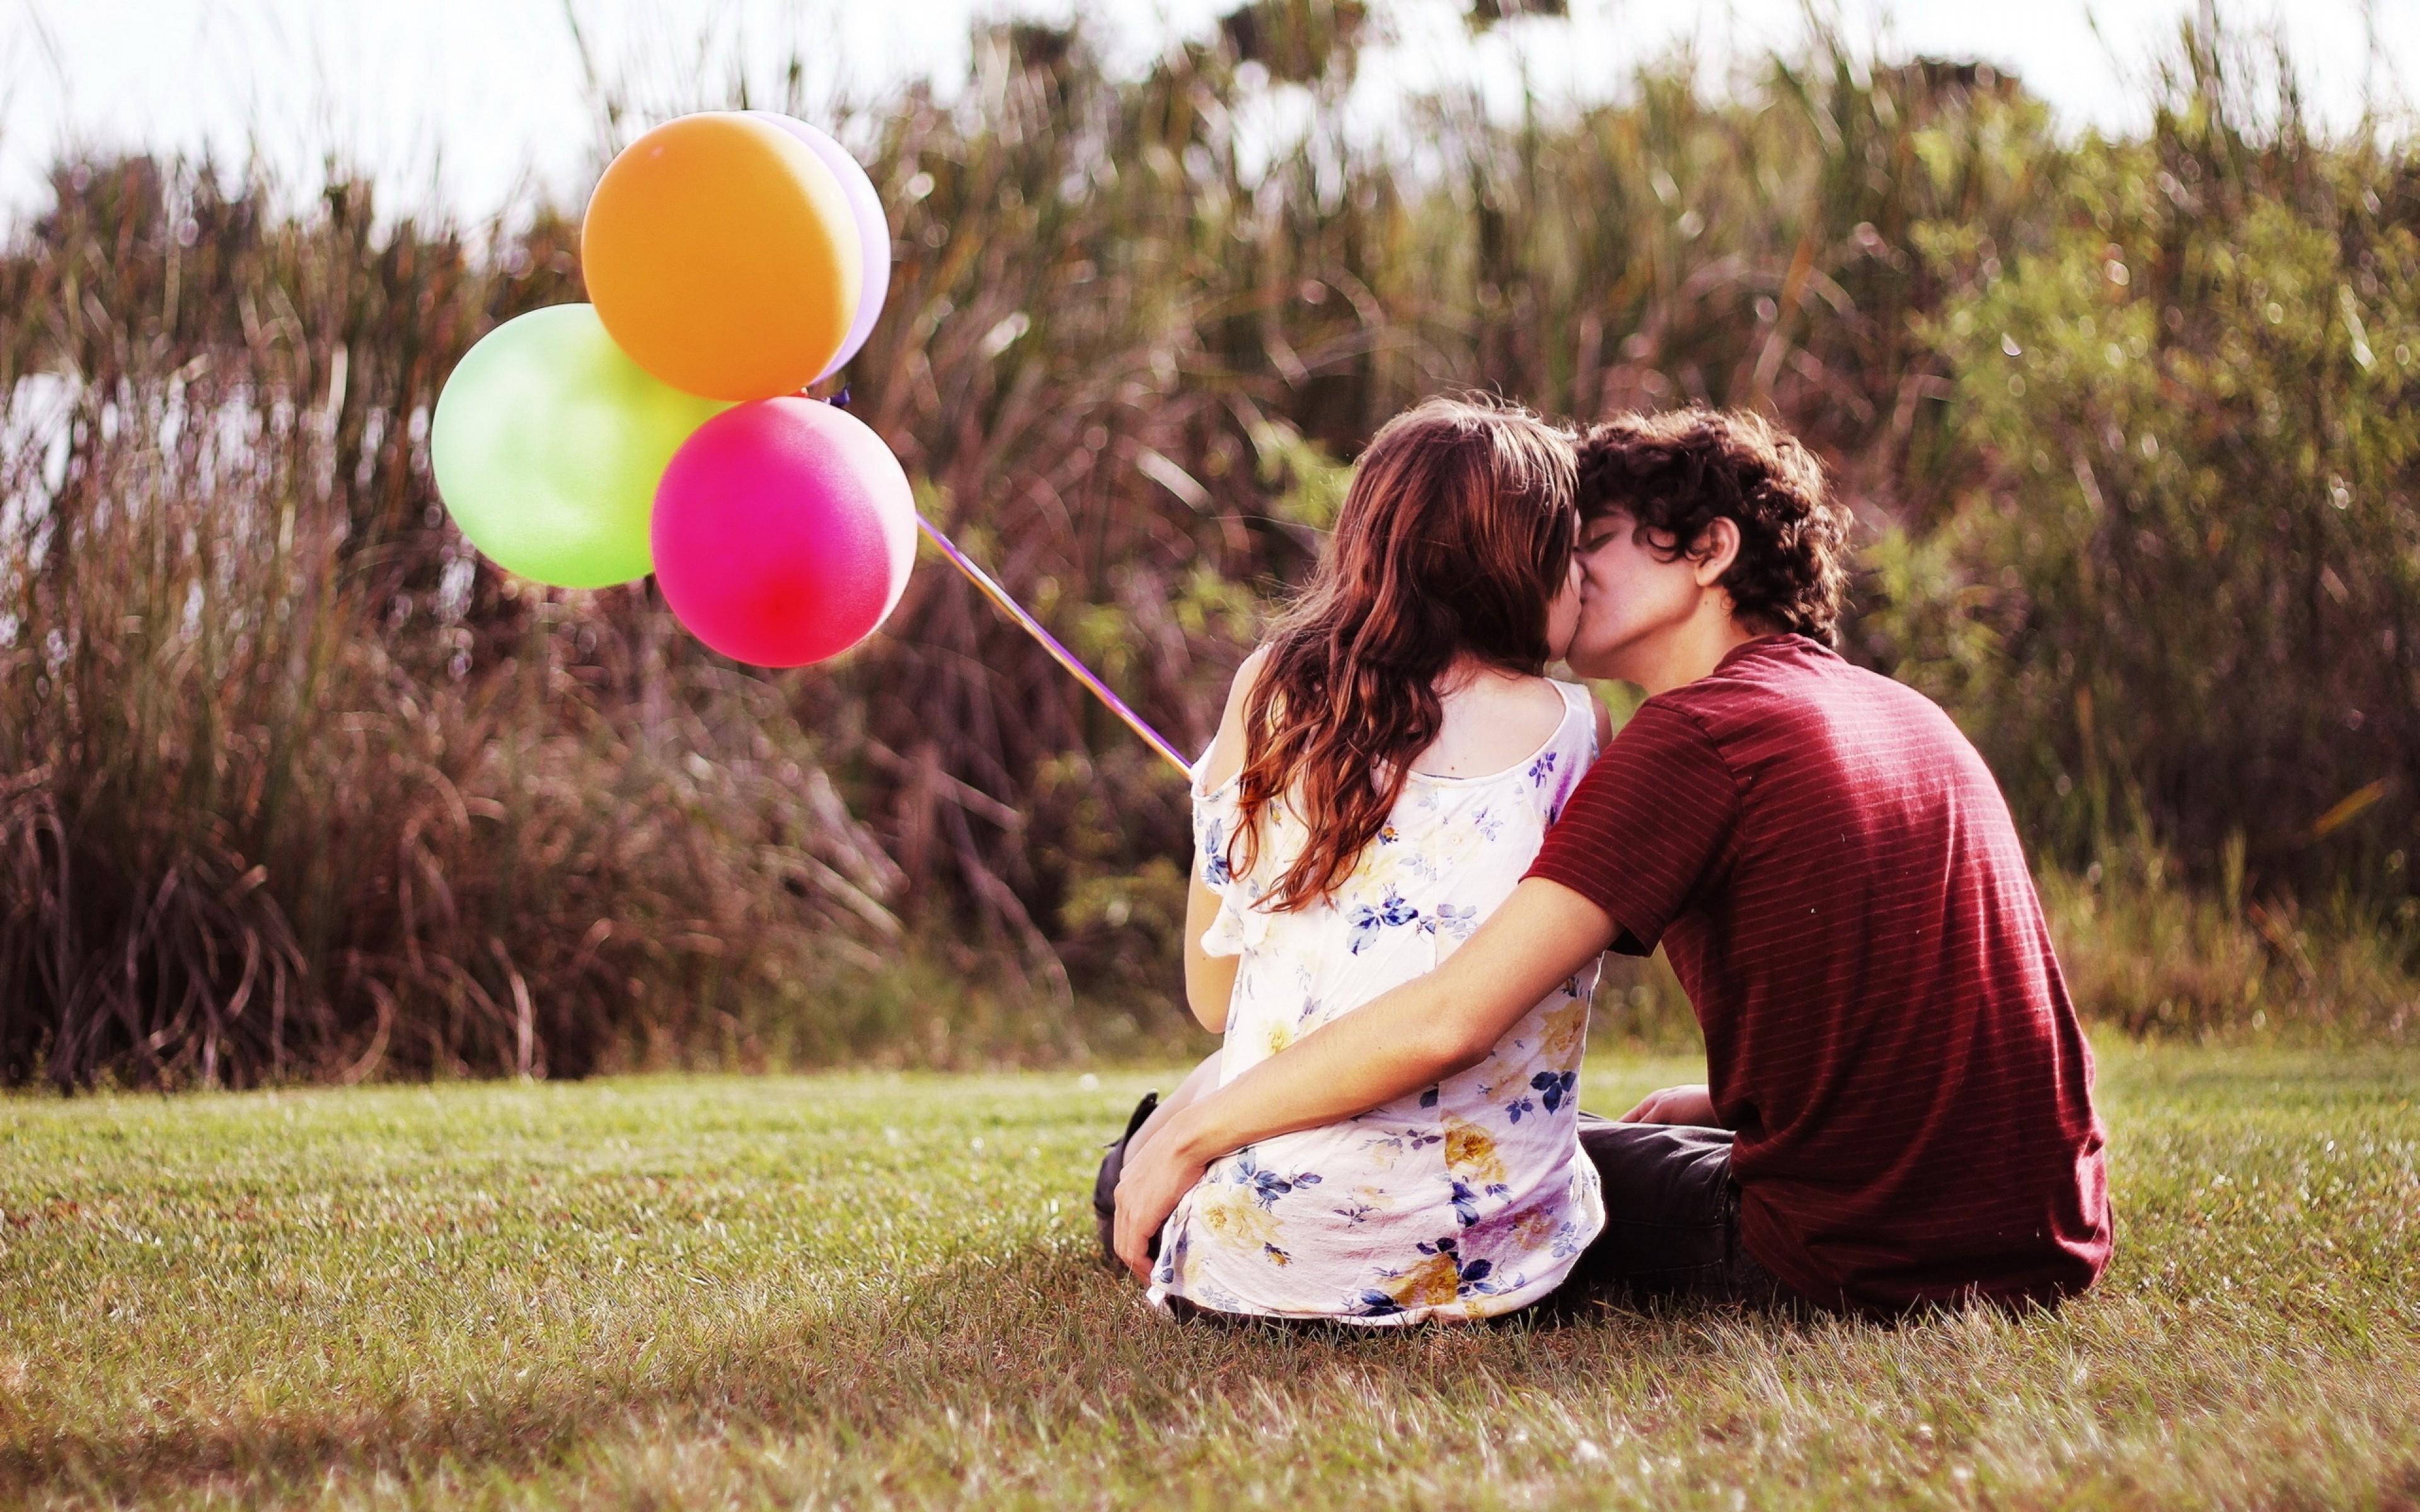 Картинка: Пара, девушка, парень, объятия, поцелуй, любовь, воздушные шары, природа